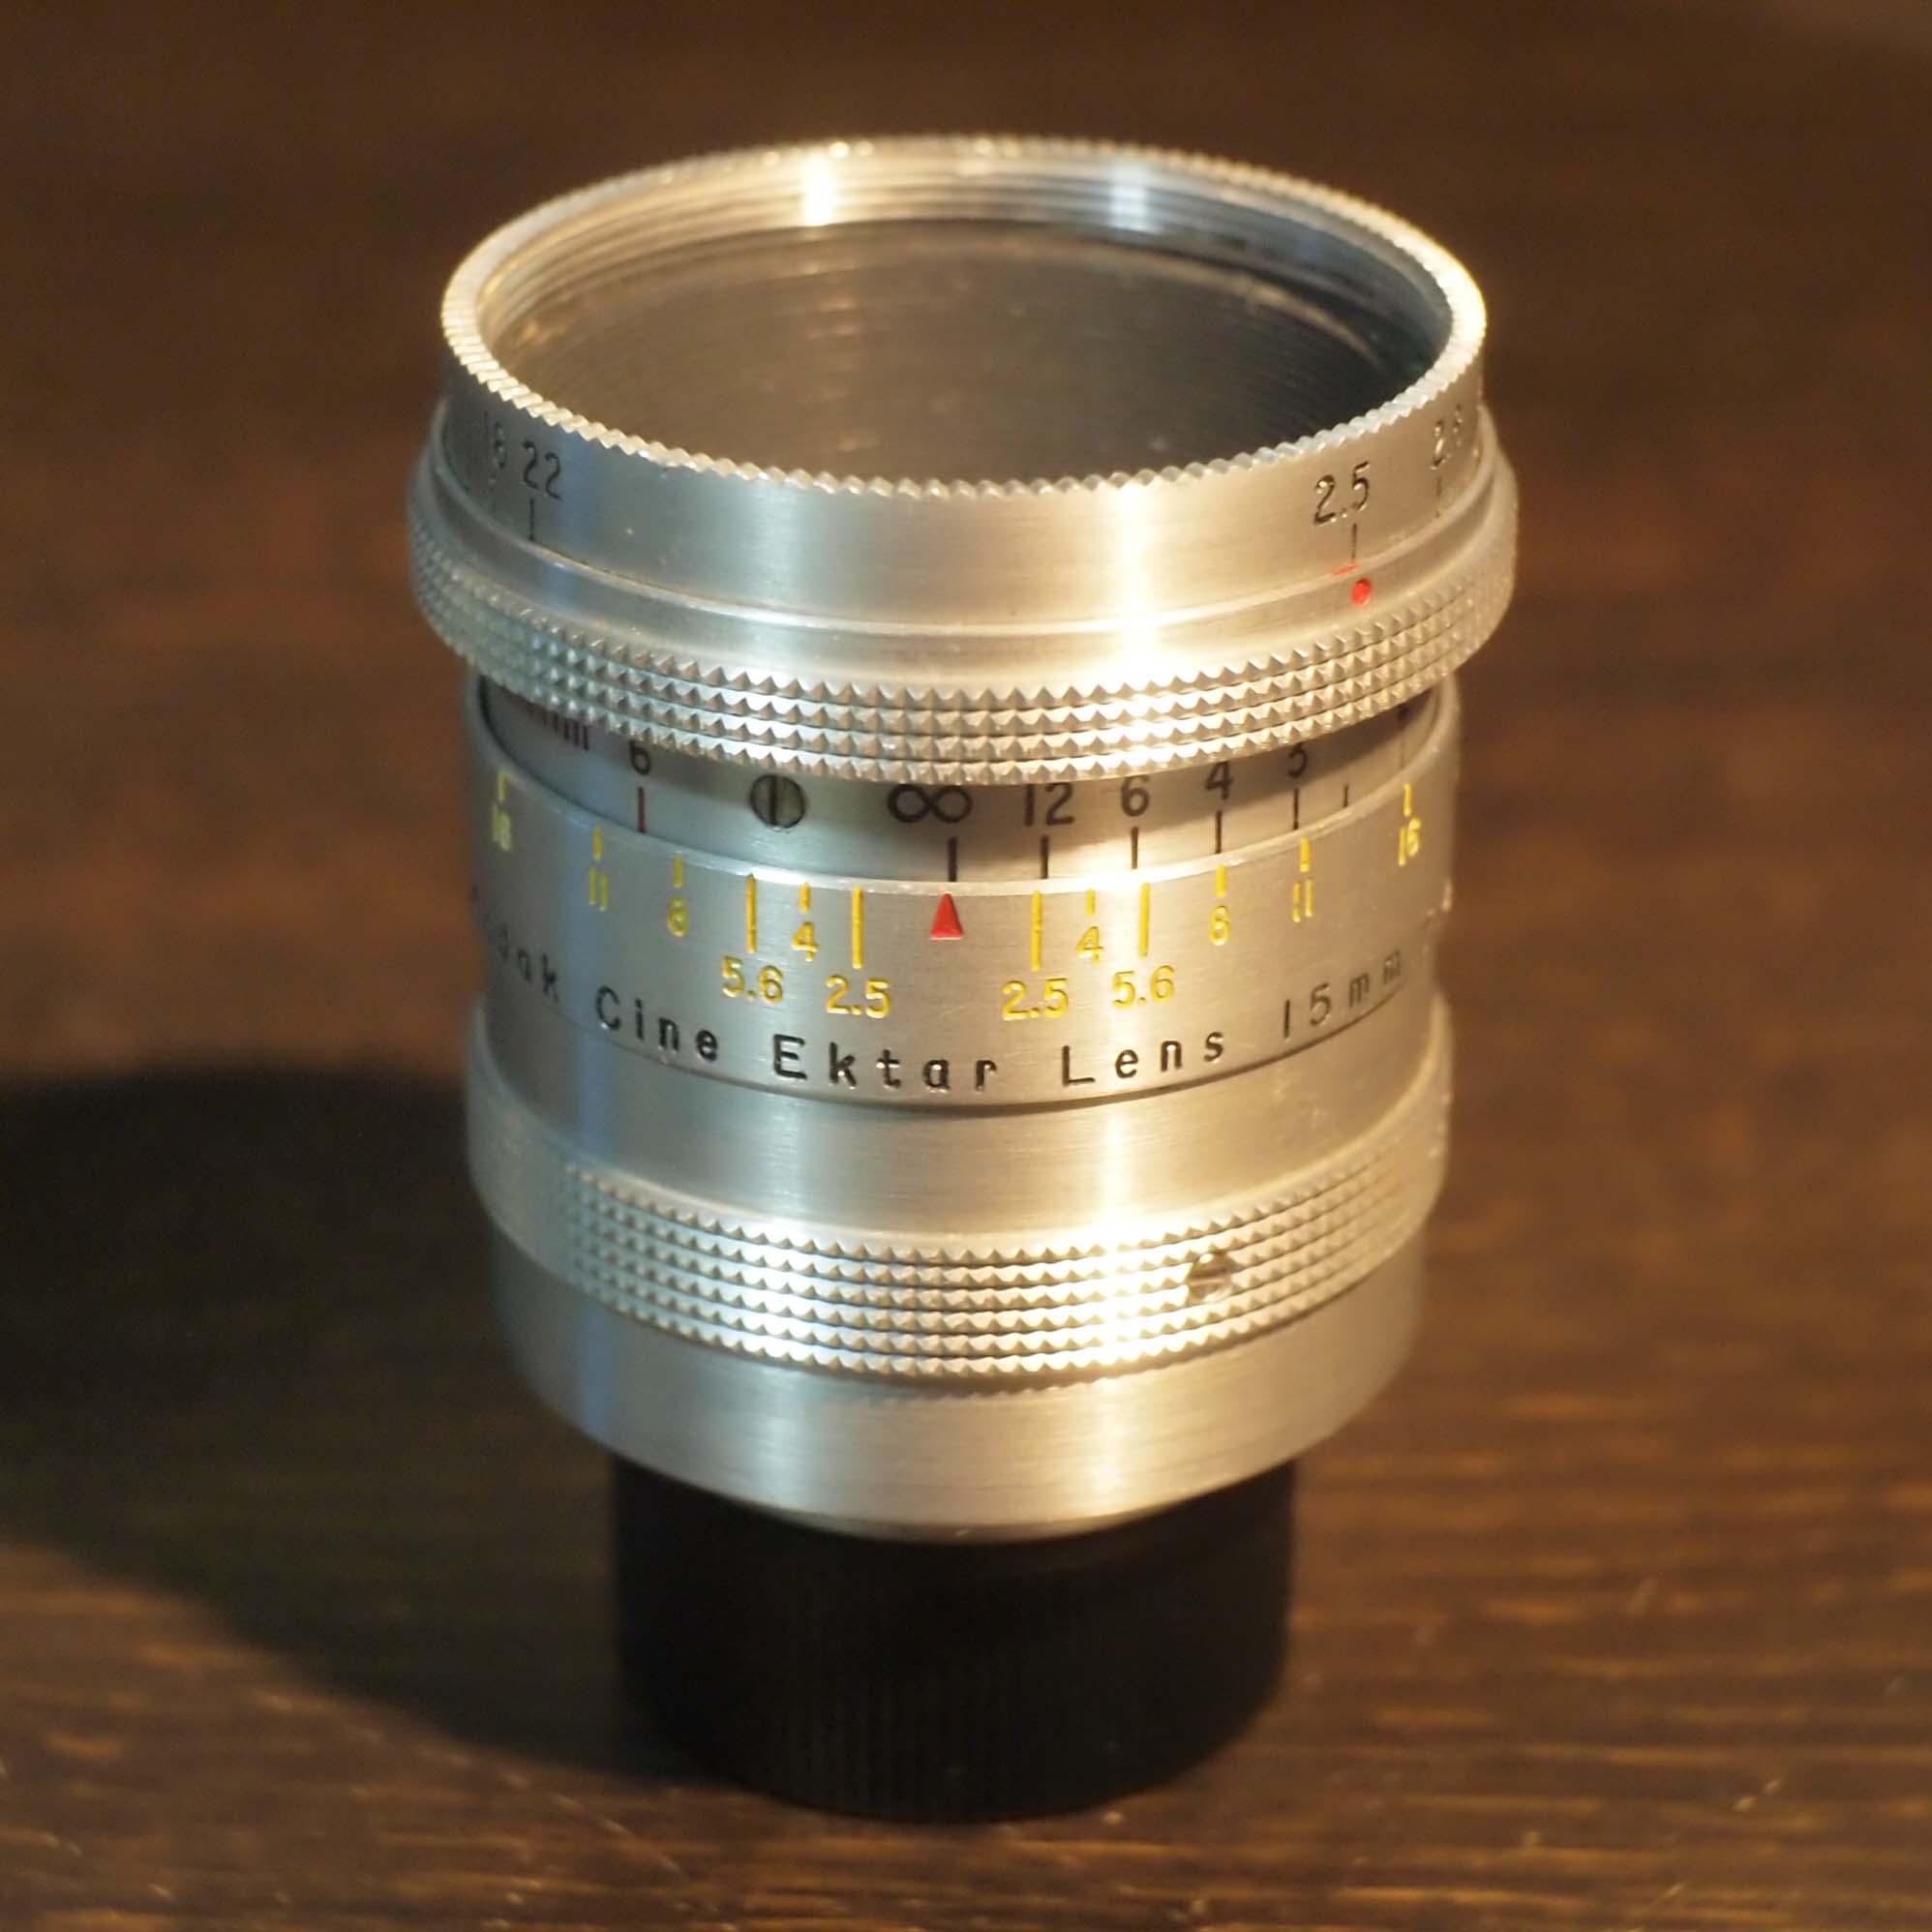 Kodak Cine Ektar 15mm f2.5